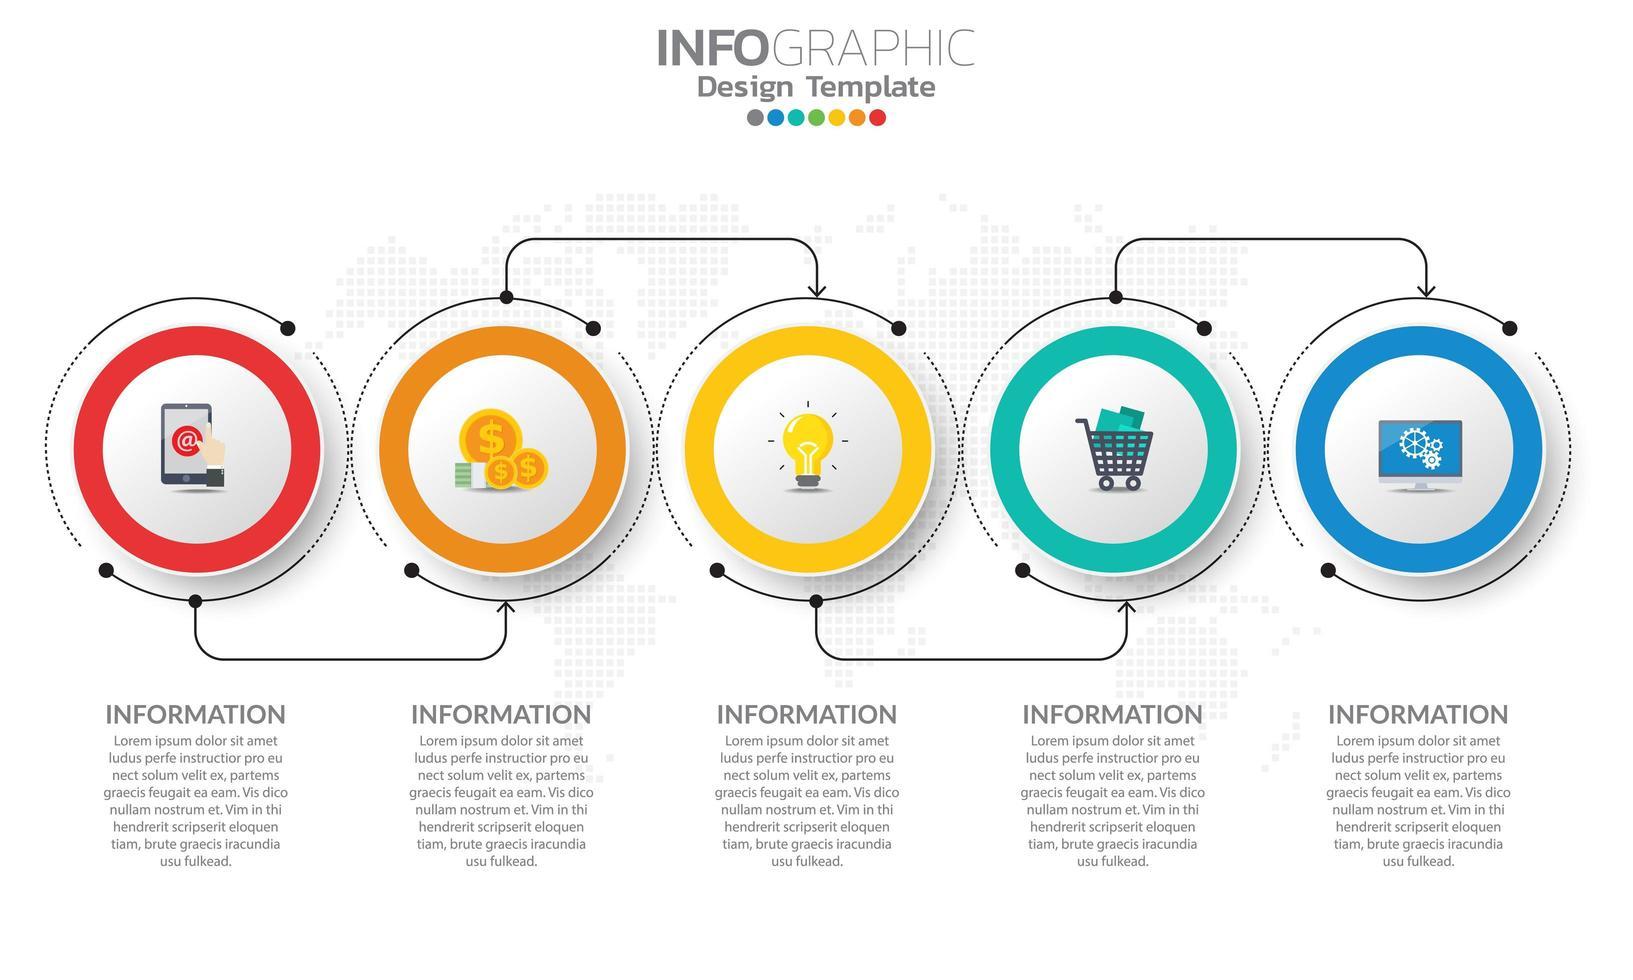 tijdlijn infographic met 5 kleurrijke randcirkels vector